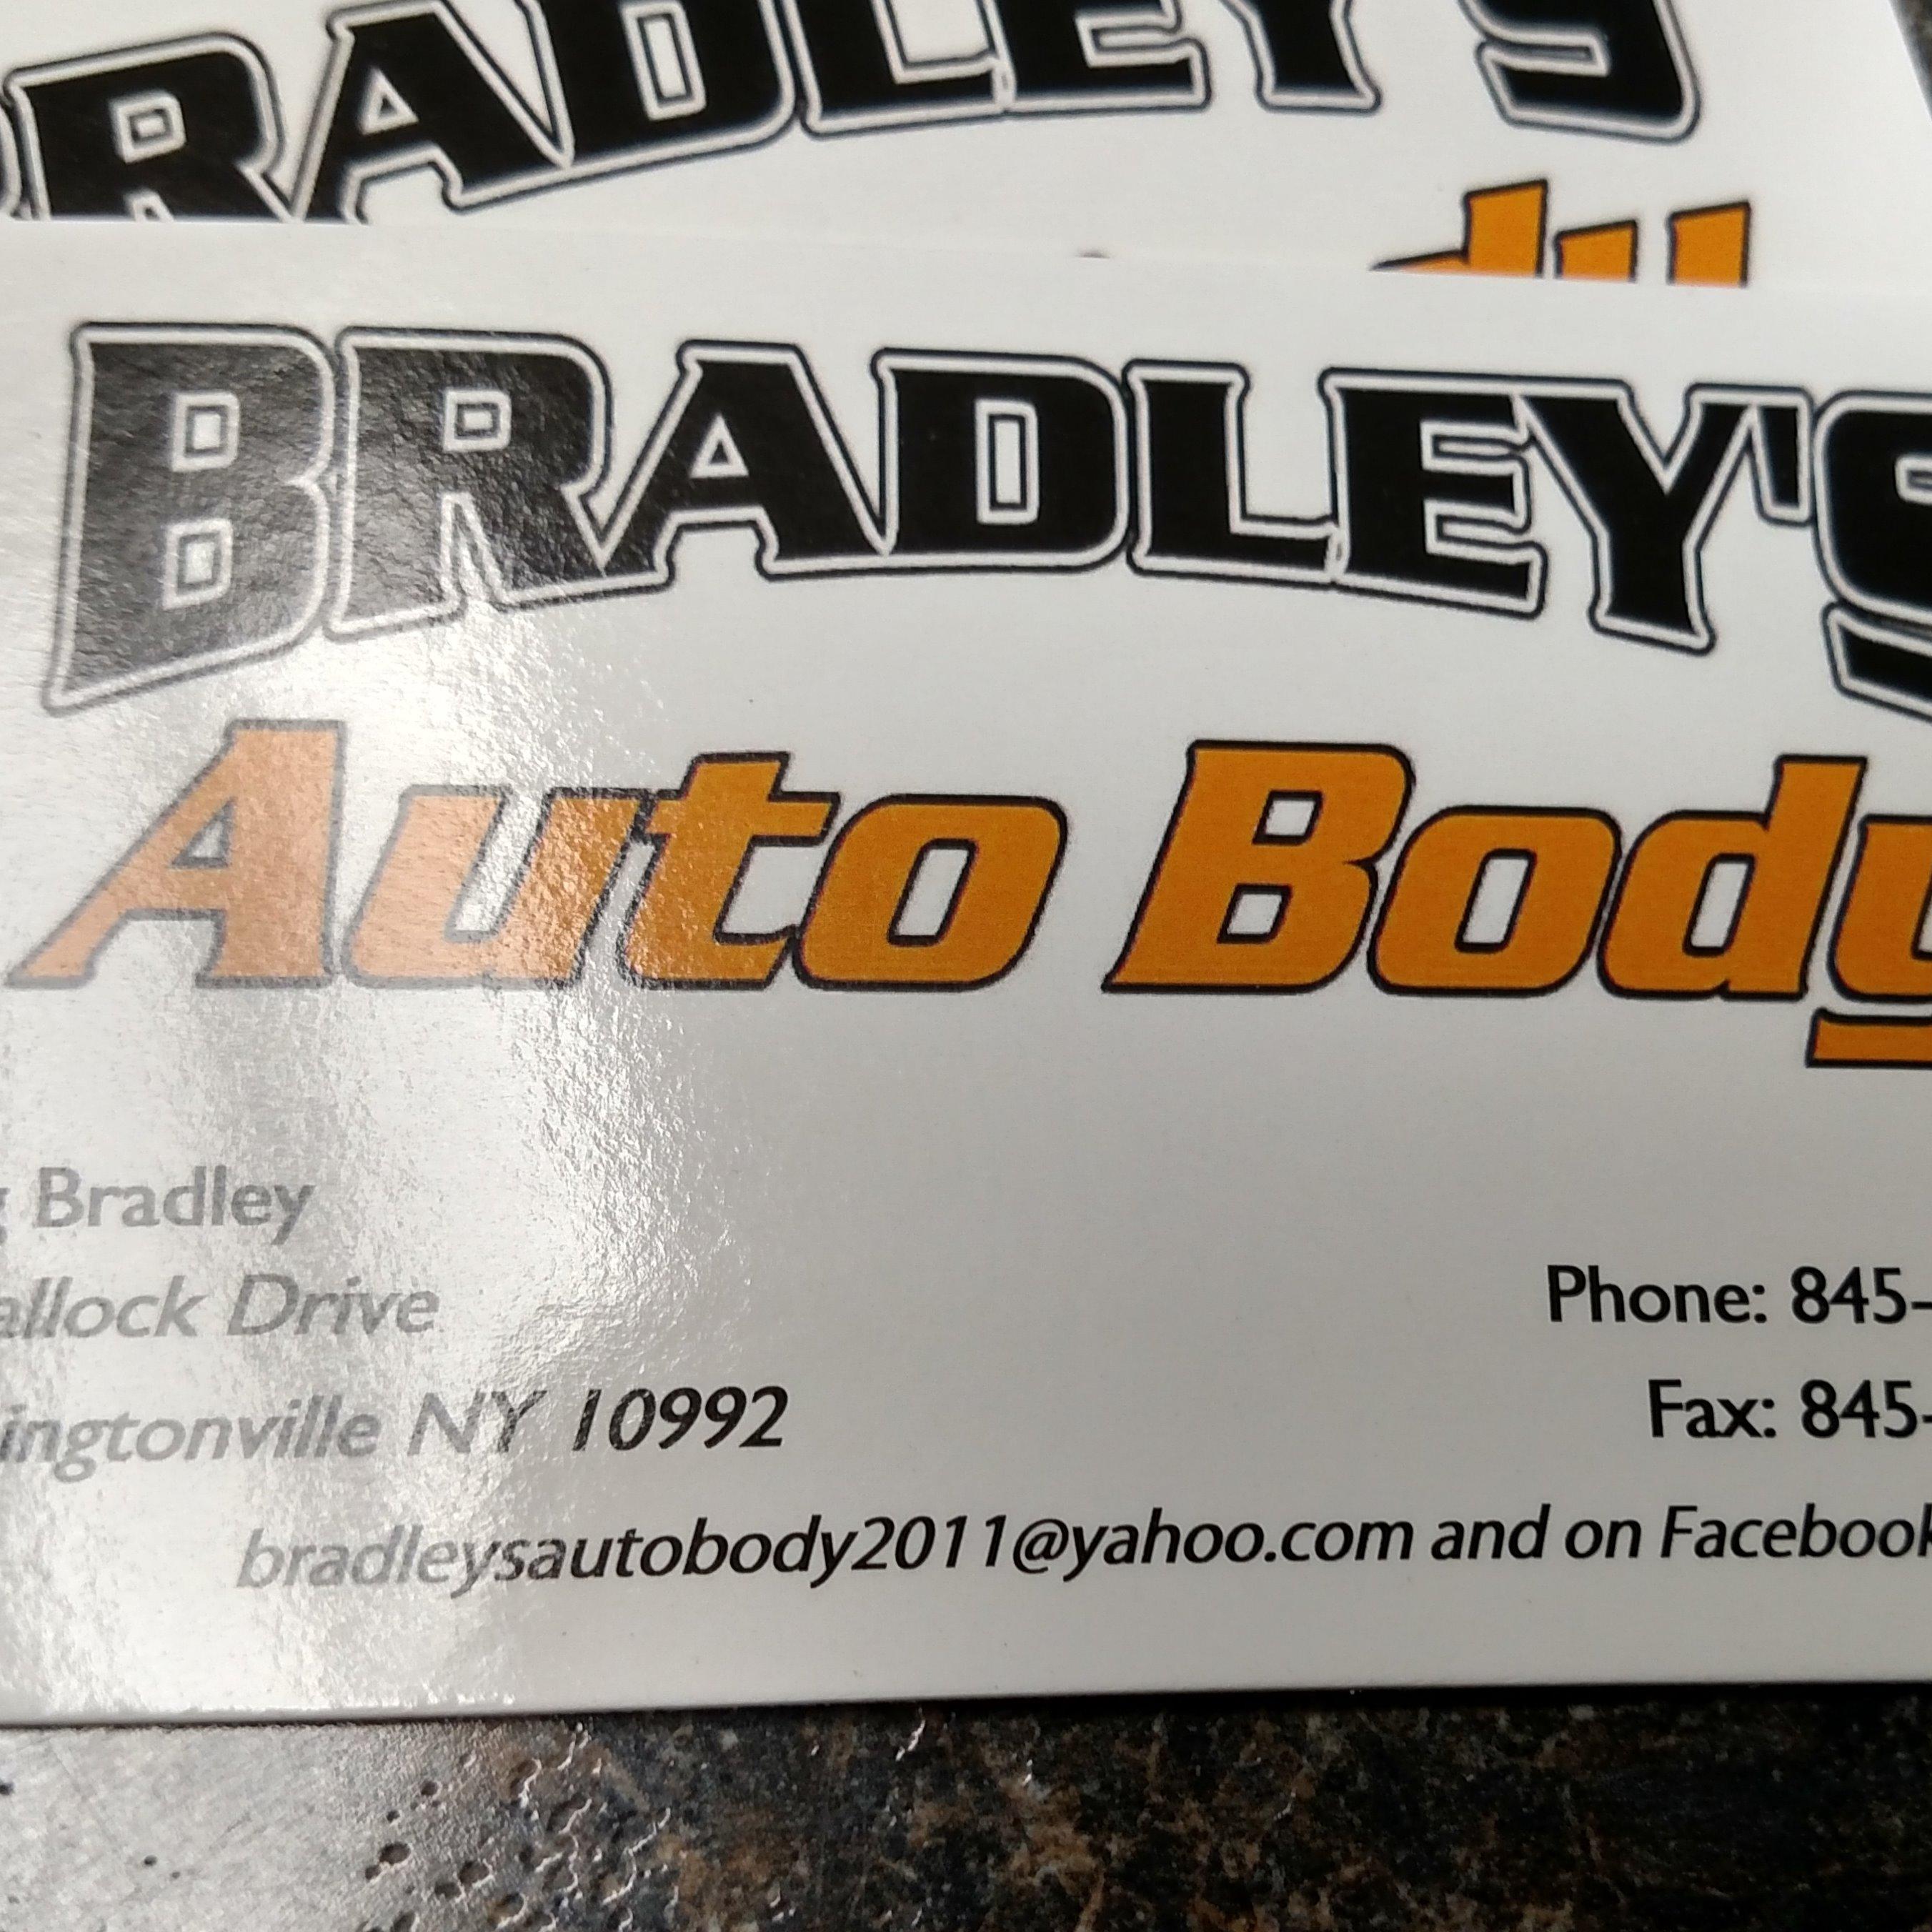 Bradleys Auto Body